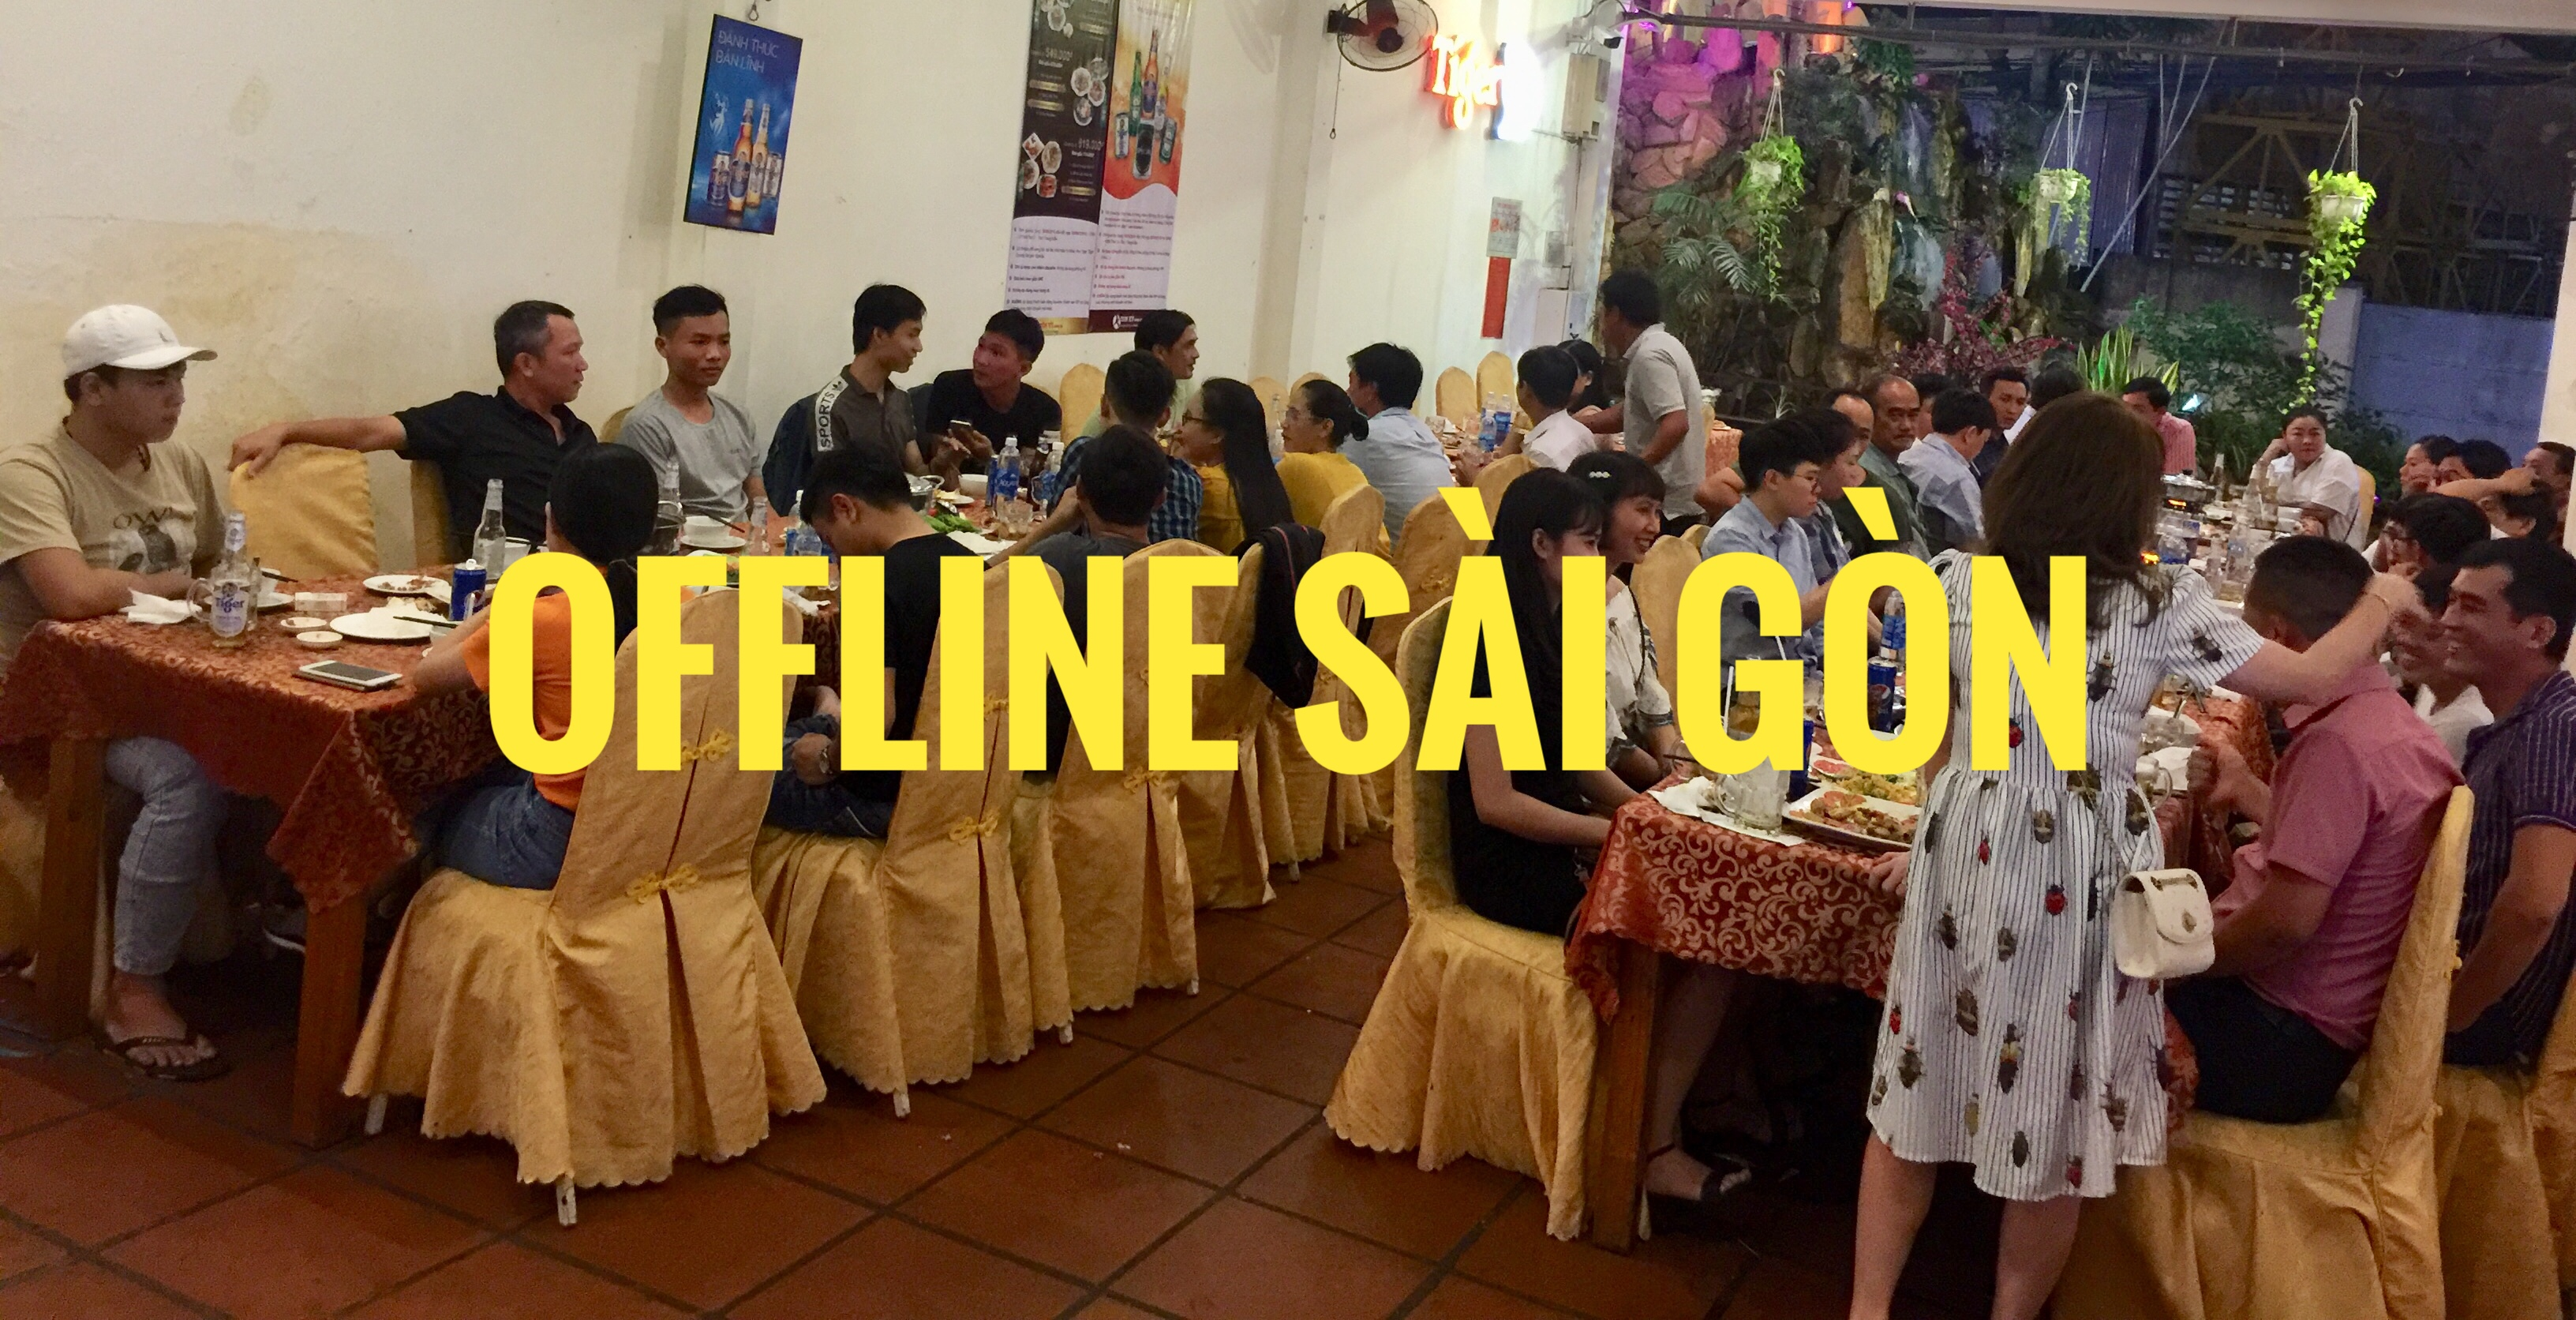 """Những hình ảnh """"vui hết nấc, chơi hết mình"""" của các game thủ trong buổi Big Offline Sảnh Rồng tại Sài Gòn"""